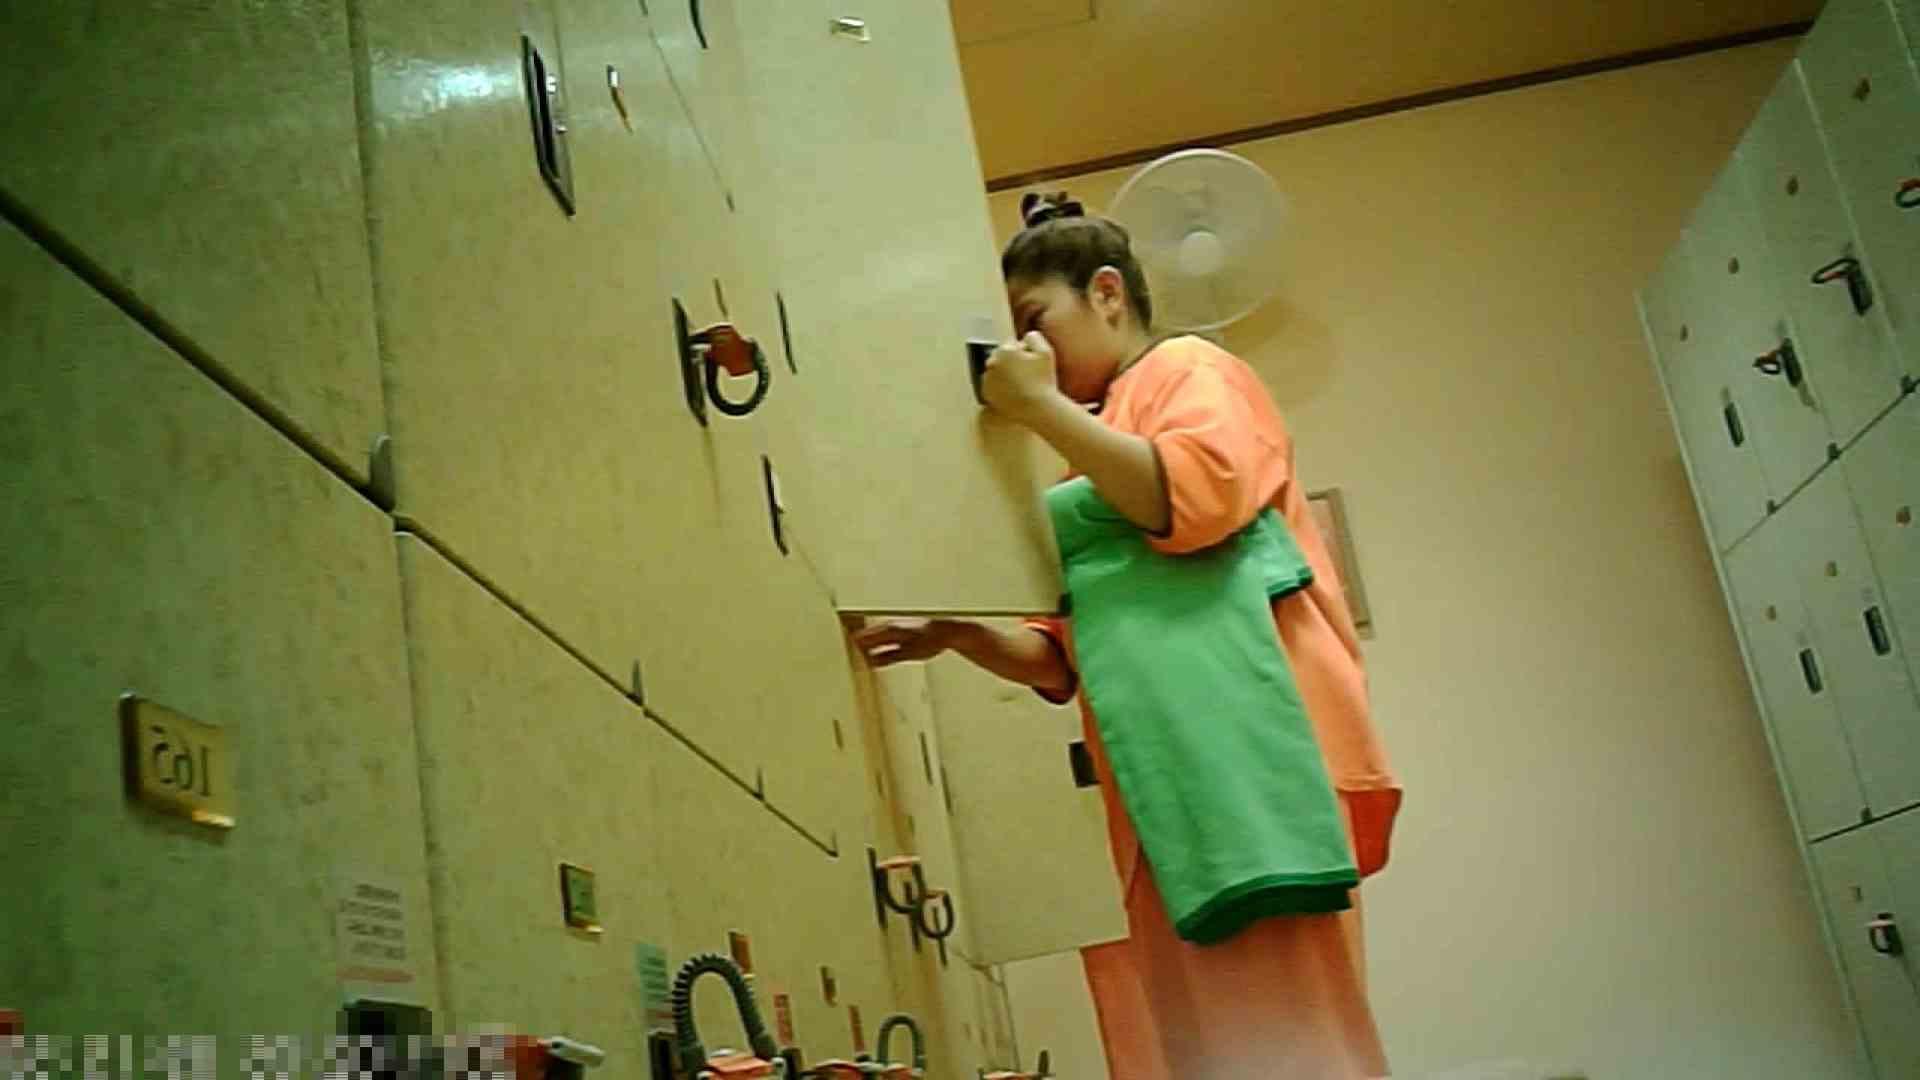 女撮師スーパー銭湯 オムニバスVol.7 銭湯 覗きぱこり動画紹介 96pic 27